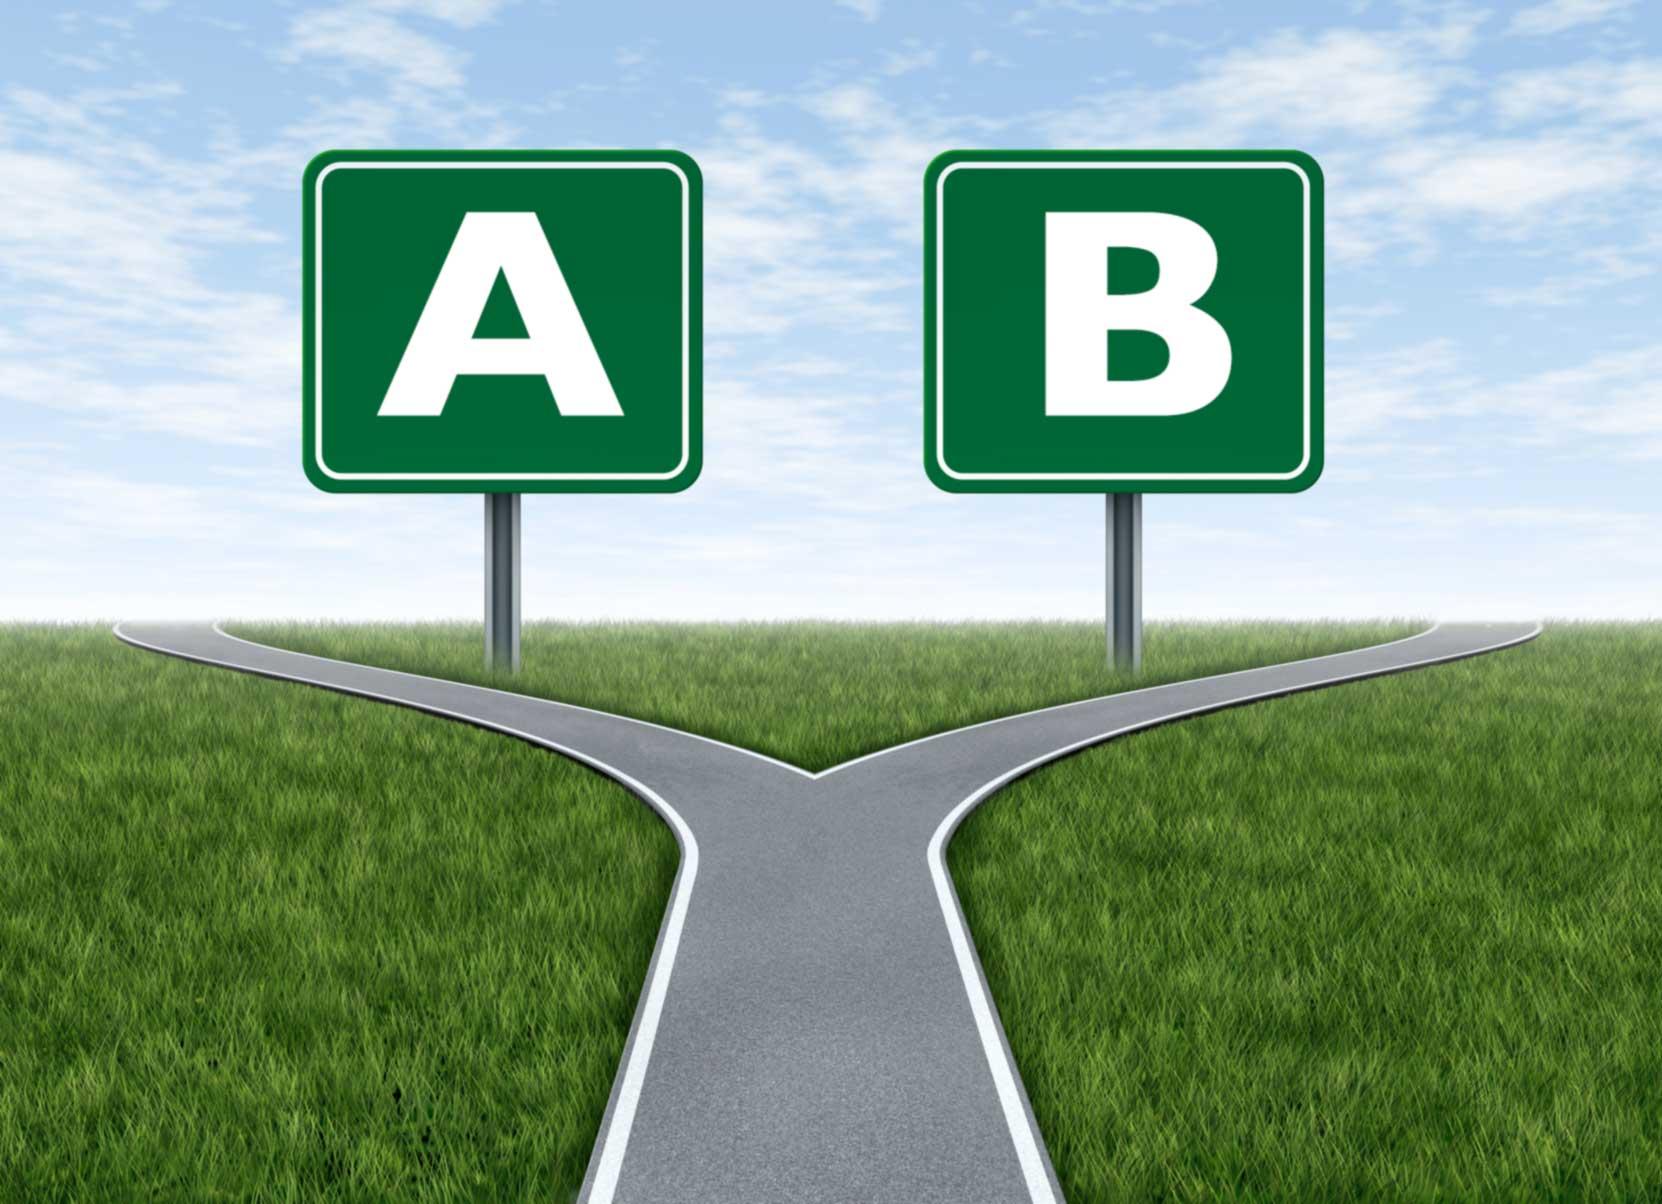 AB-Testing